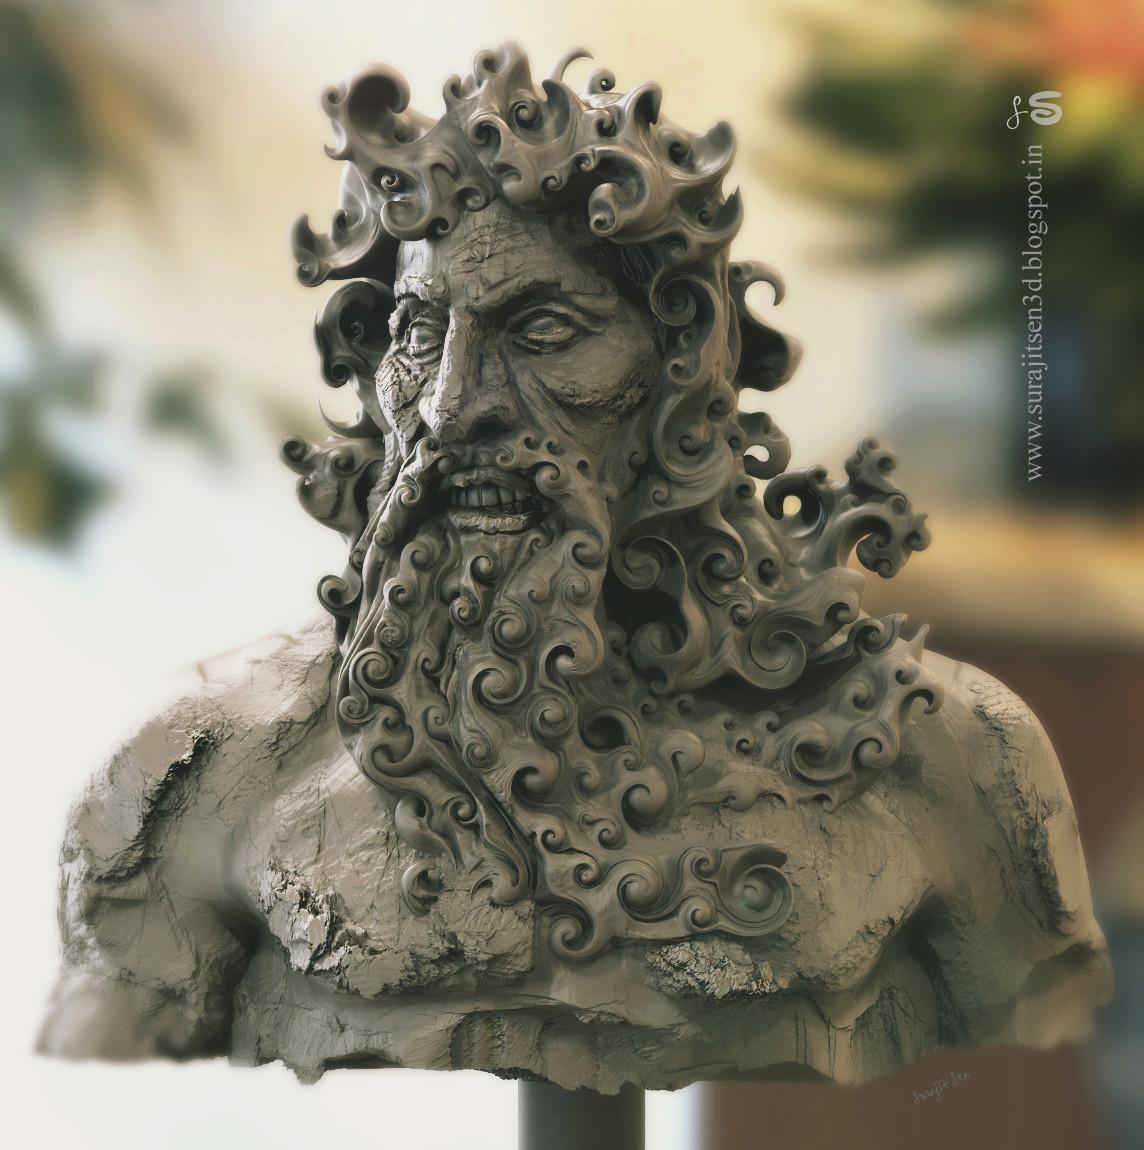 Surajit sen furious king speed sculpt by surajit sen a